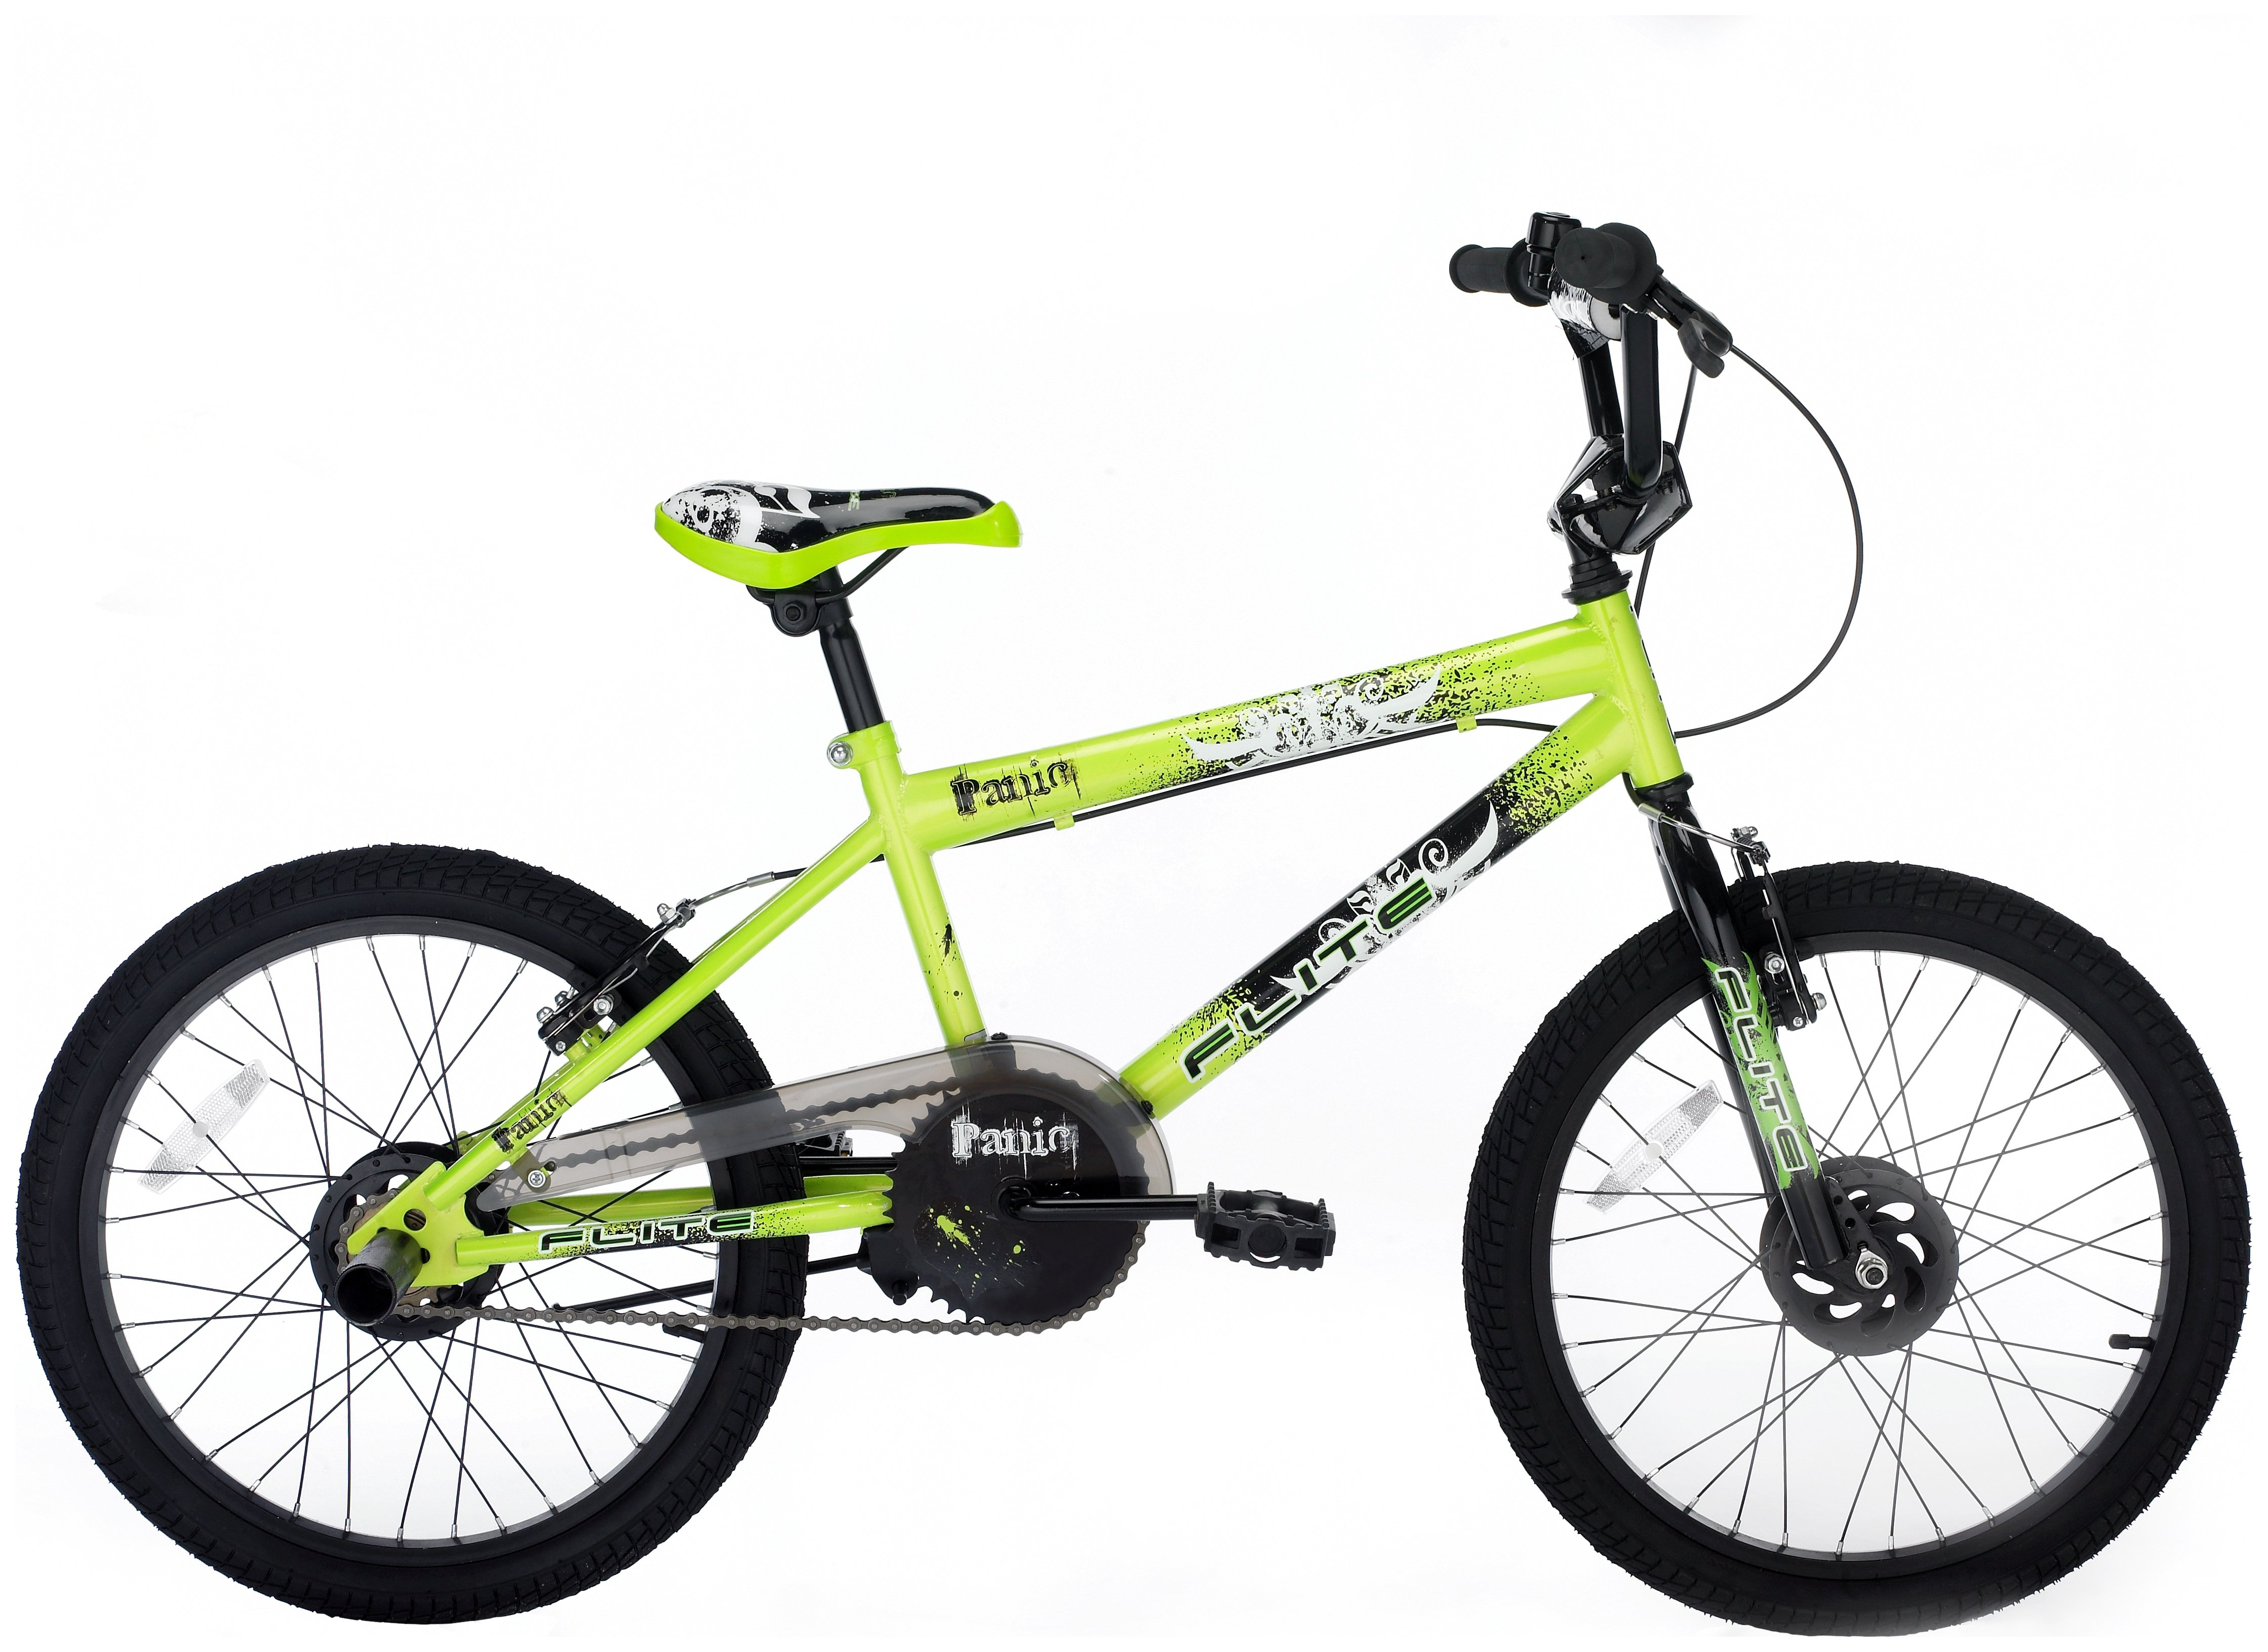 'Flite Panic 20 Inch Bmx Bike - Green